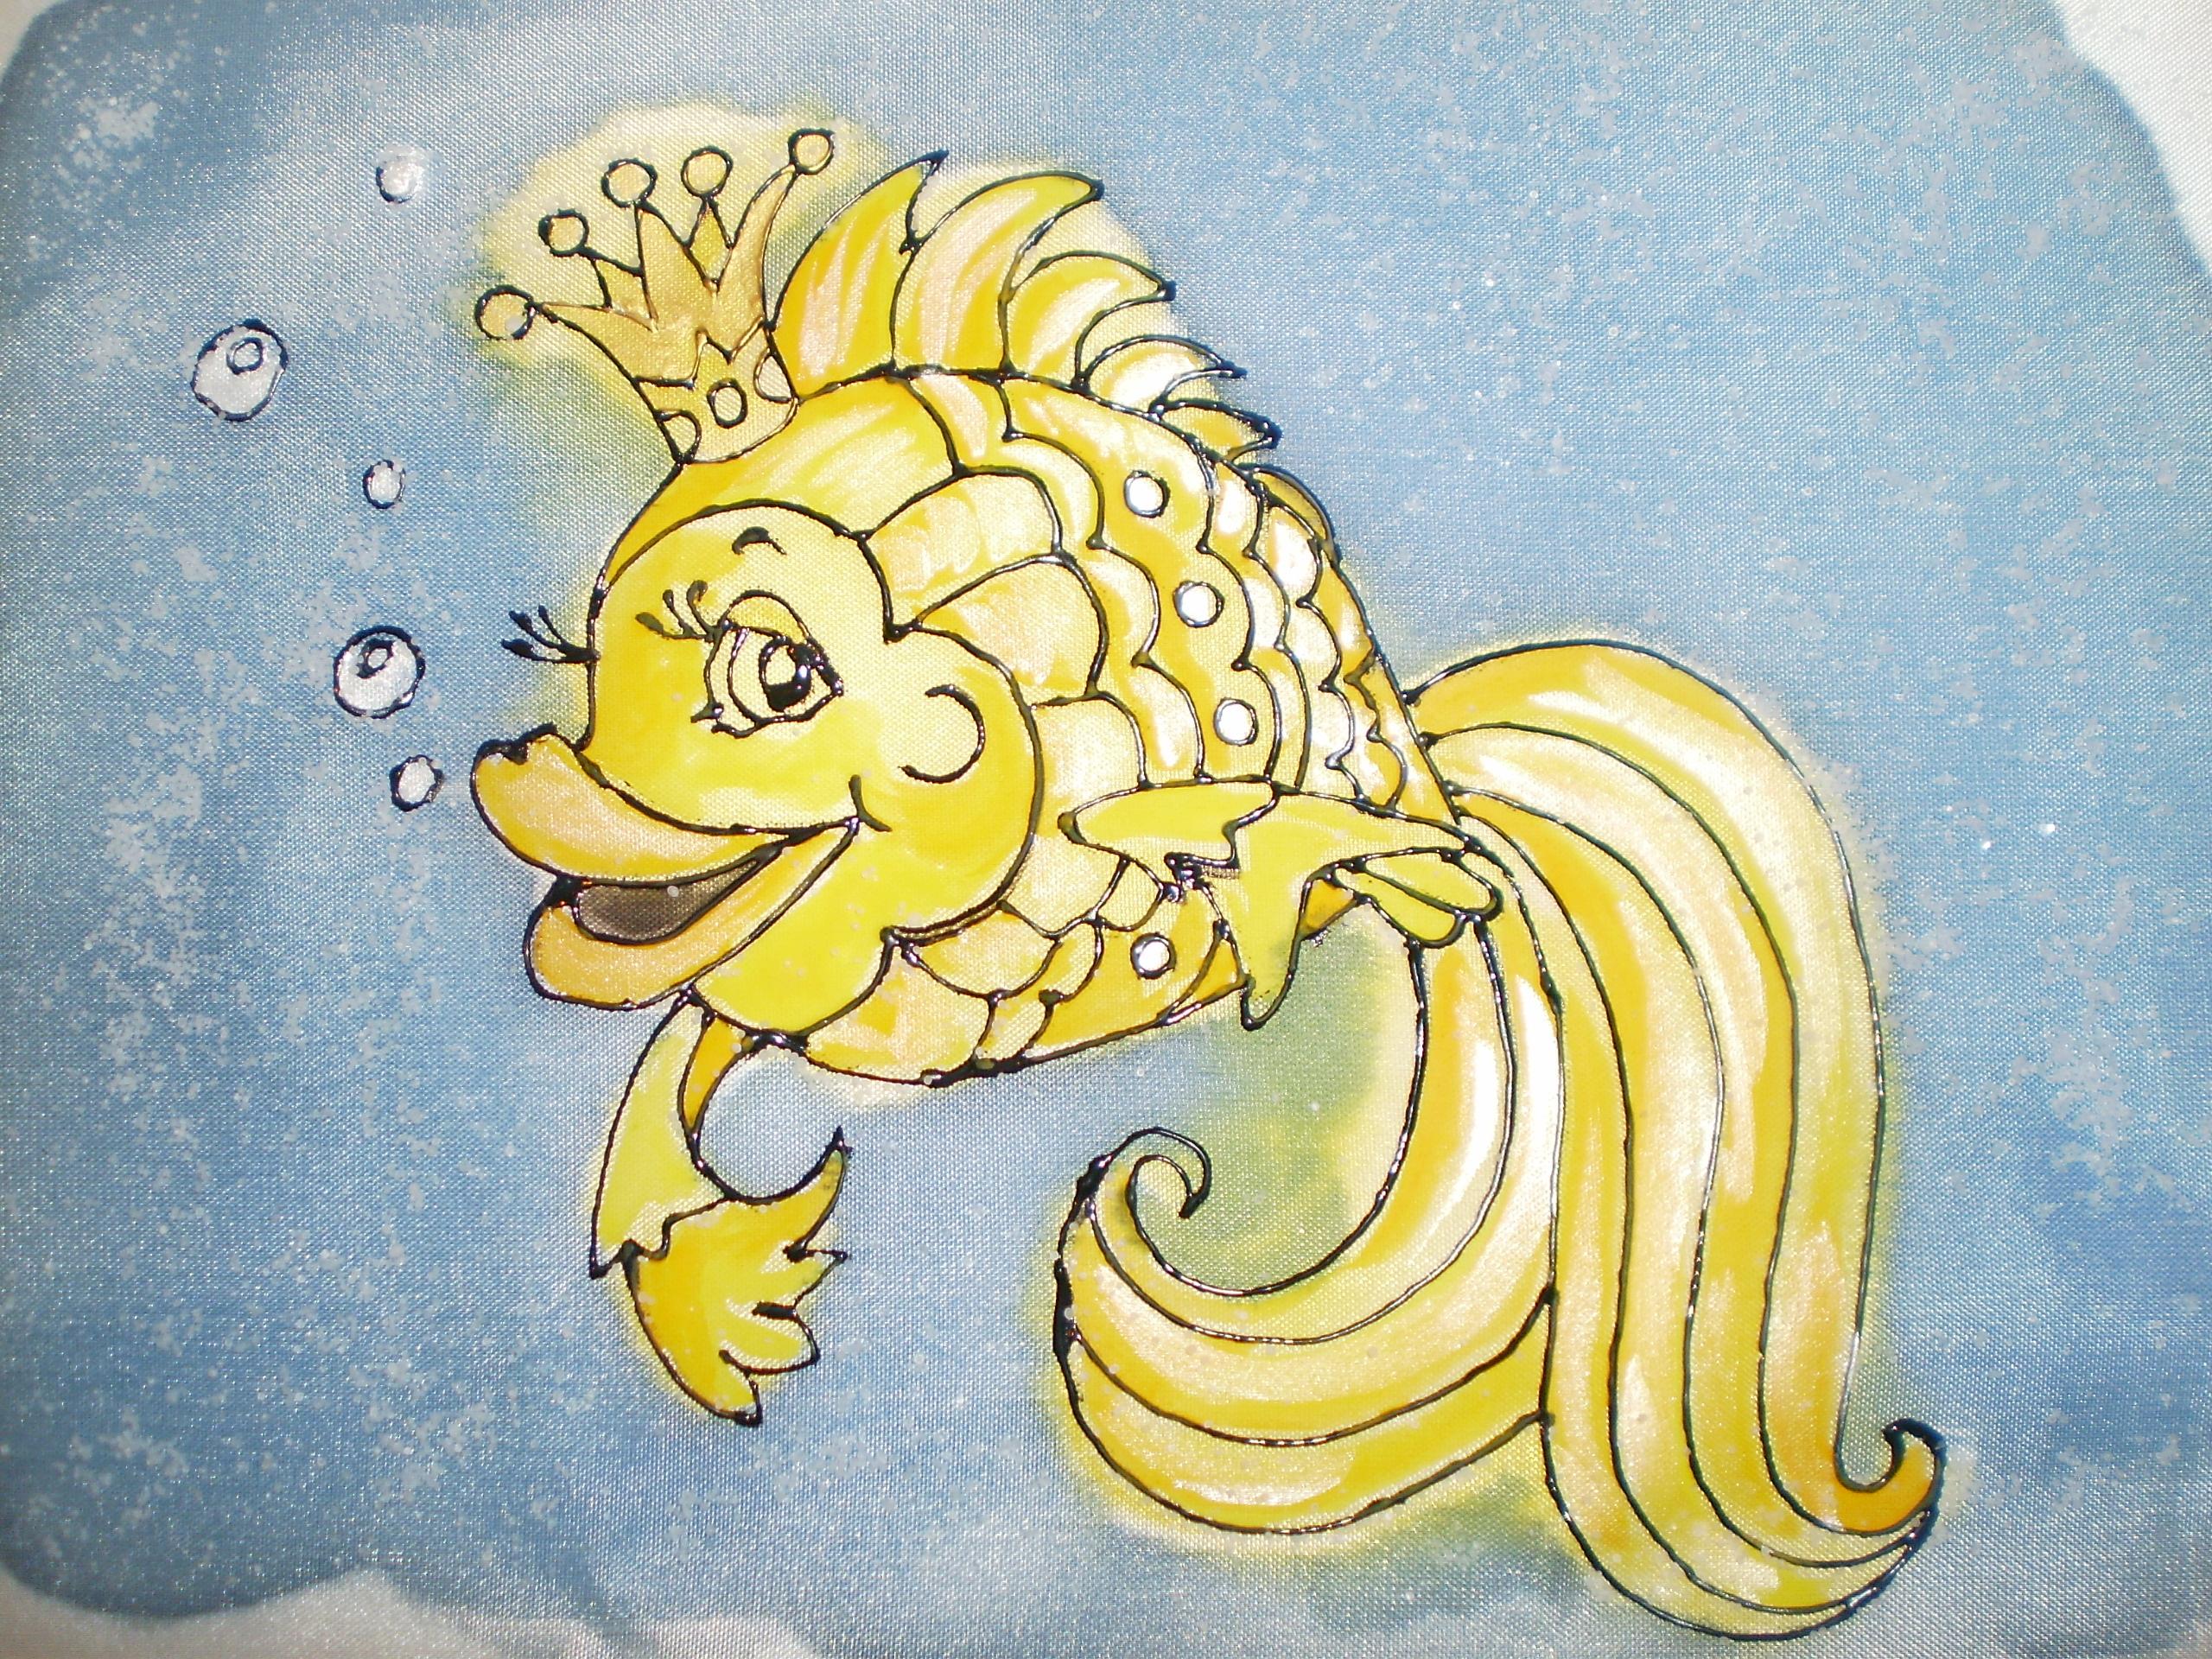 Картинка нарисованной золотой рыбки